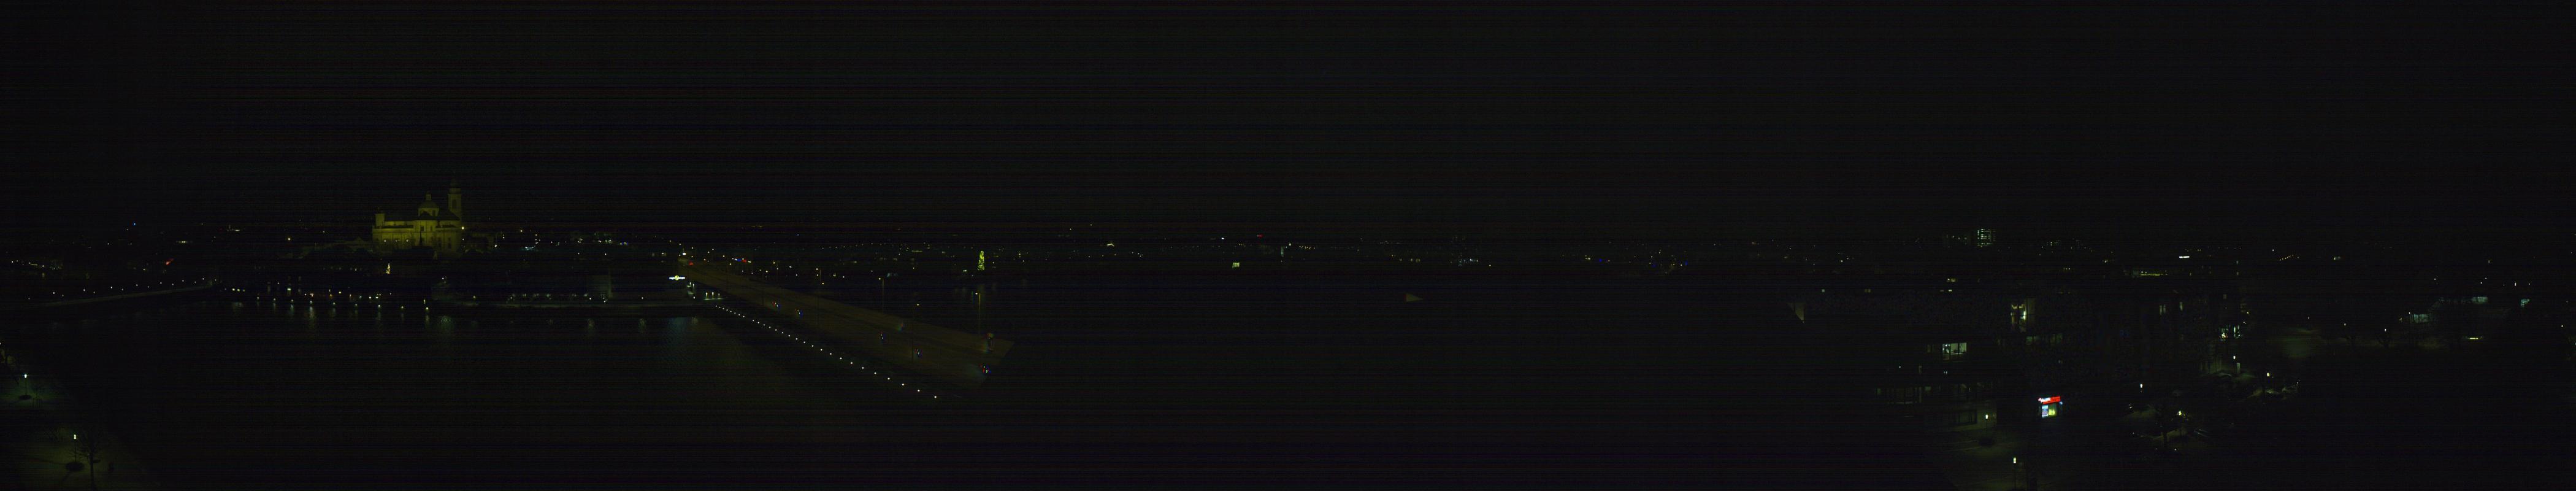 22h ago - 18:30